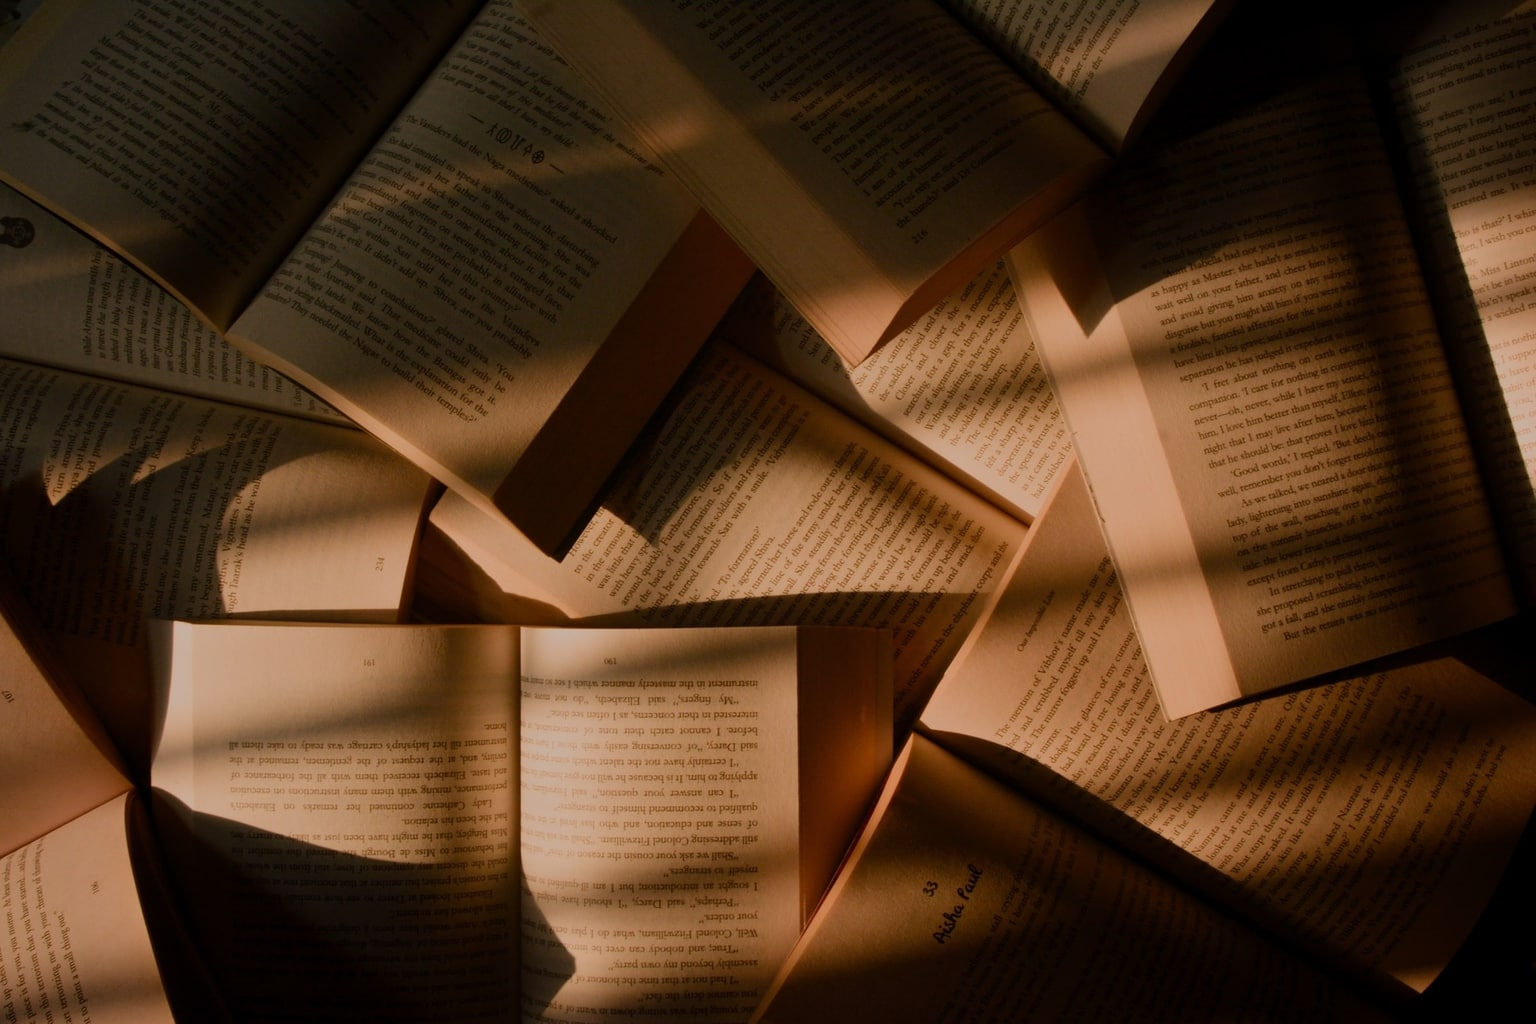 libros en luces y sombras para fotoreto46